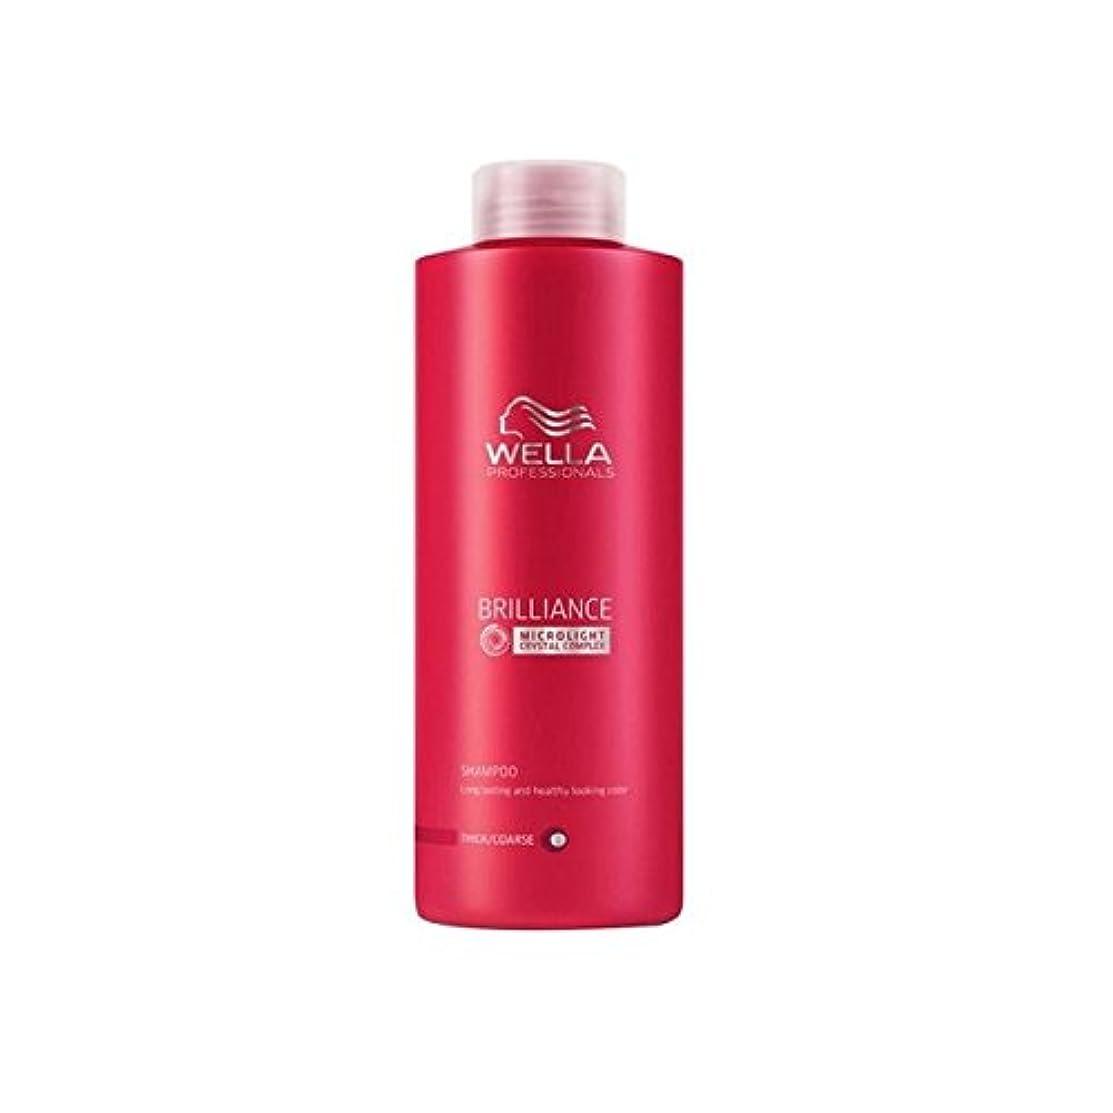 リーン結核委任するWella Professionals Brilliance Coarse Shampoo (1000ml) - ウェラの専門家は粗いシャンプー(千ミリリットル)をブリリアンス [並行輸入品]